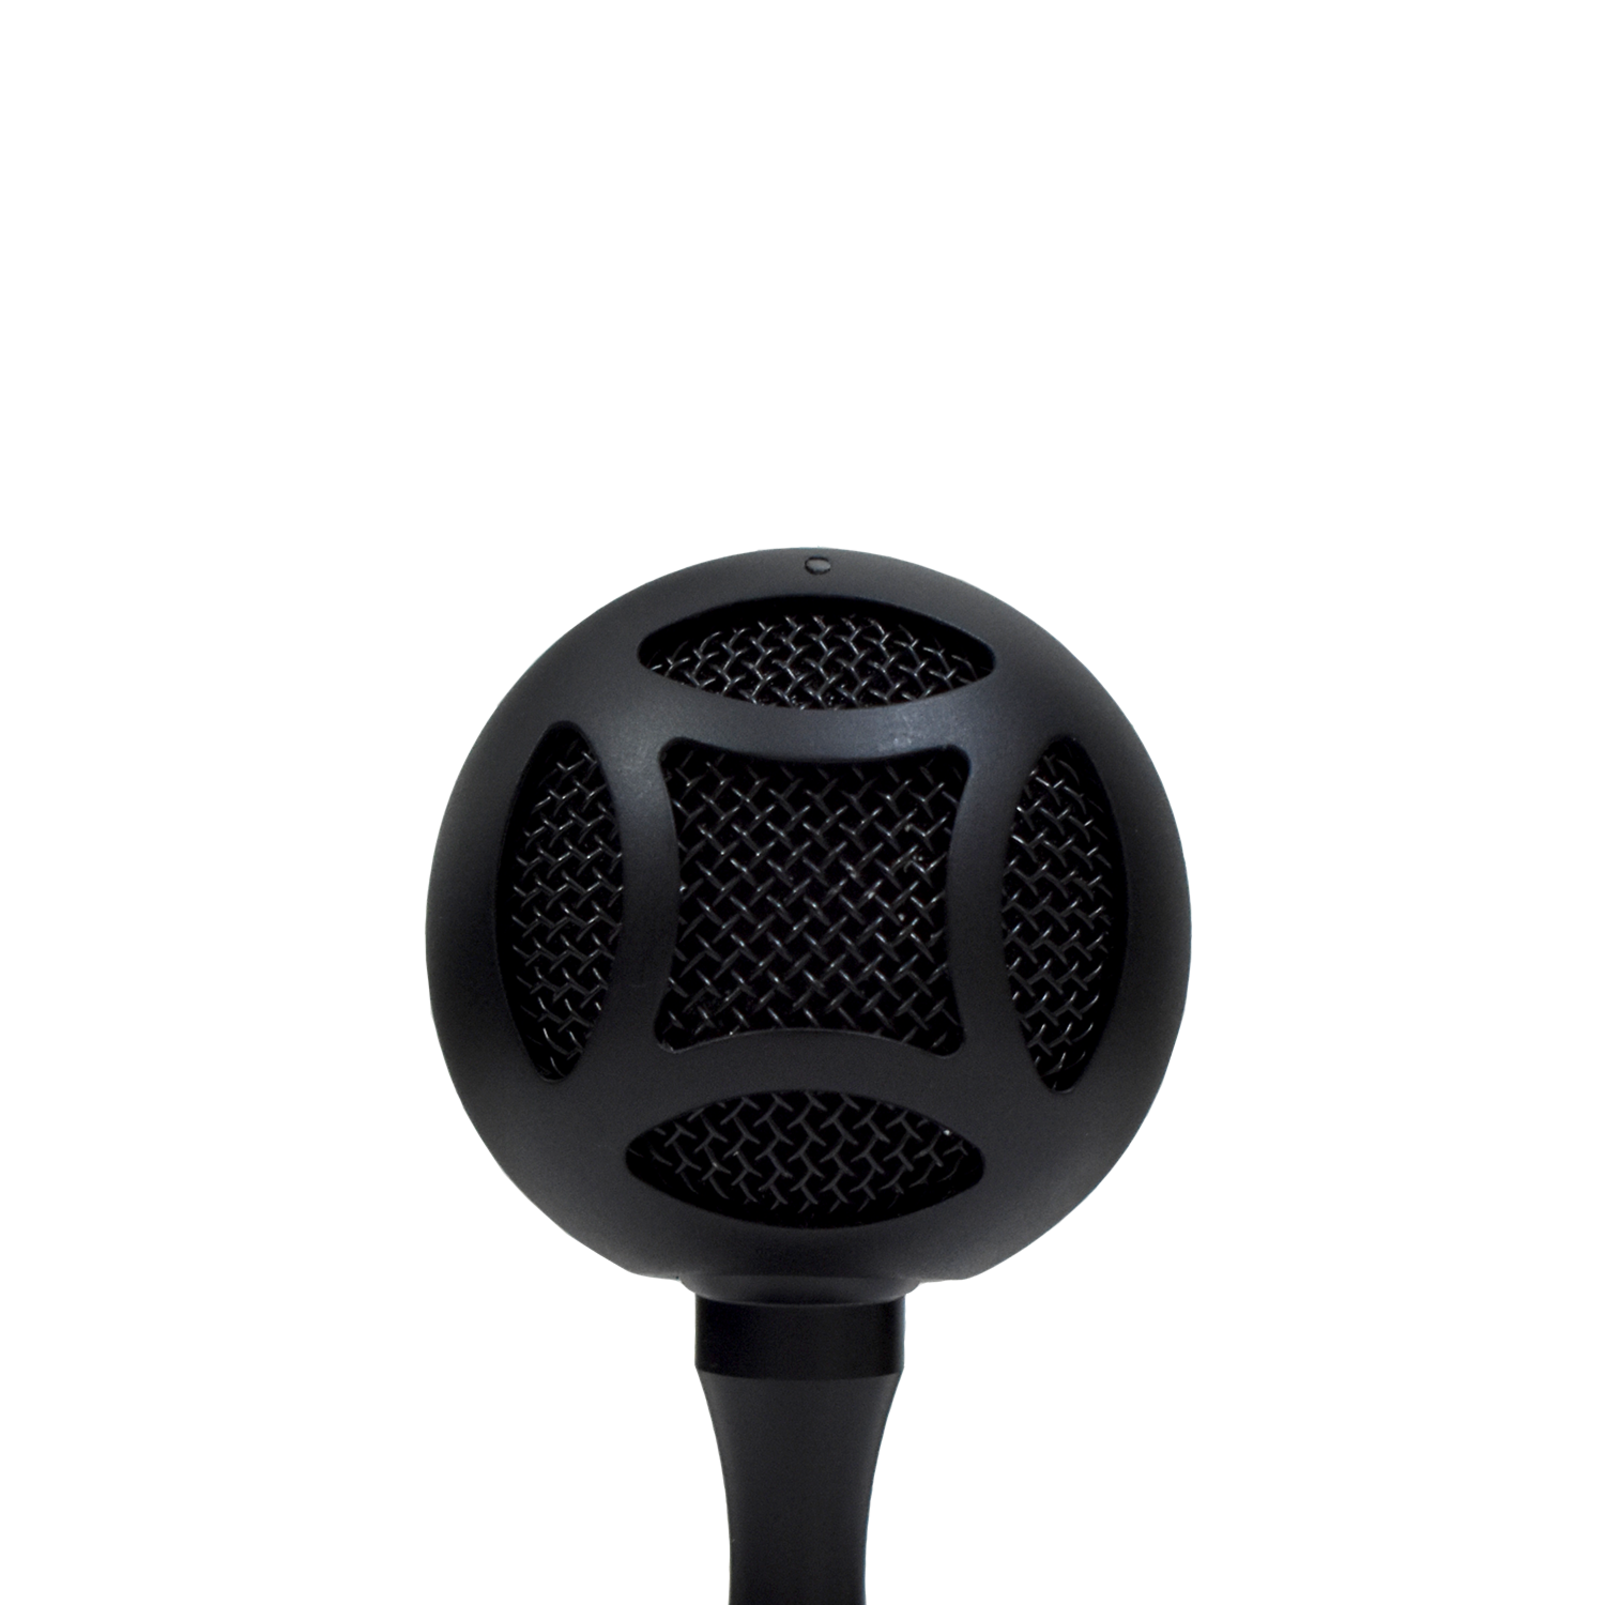 CSUM06 - Black - Mini USB Microphone - Detailshot 2